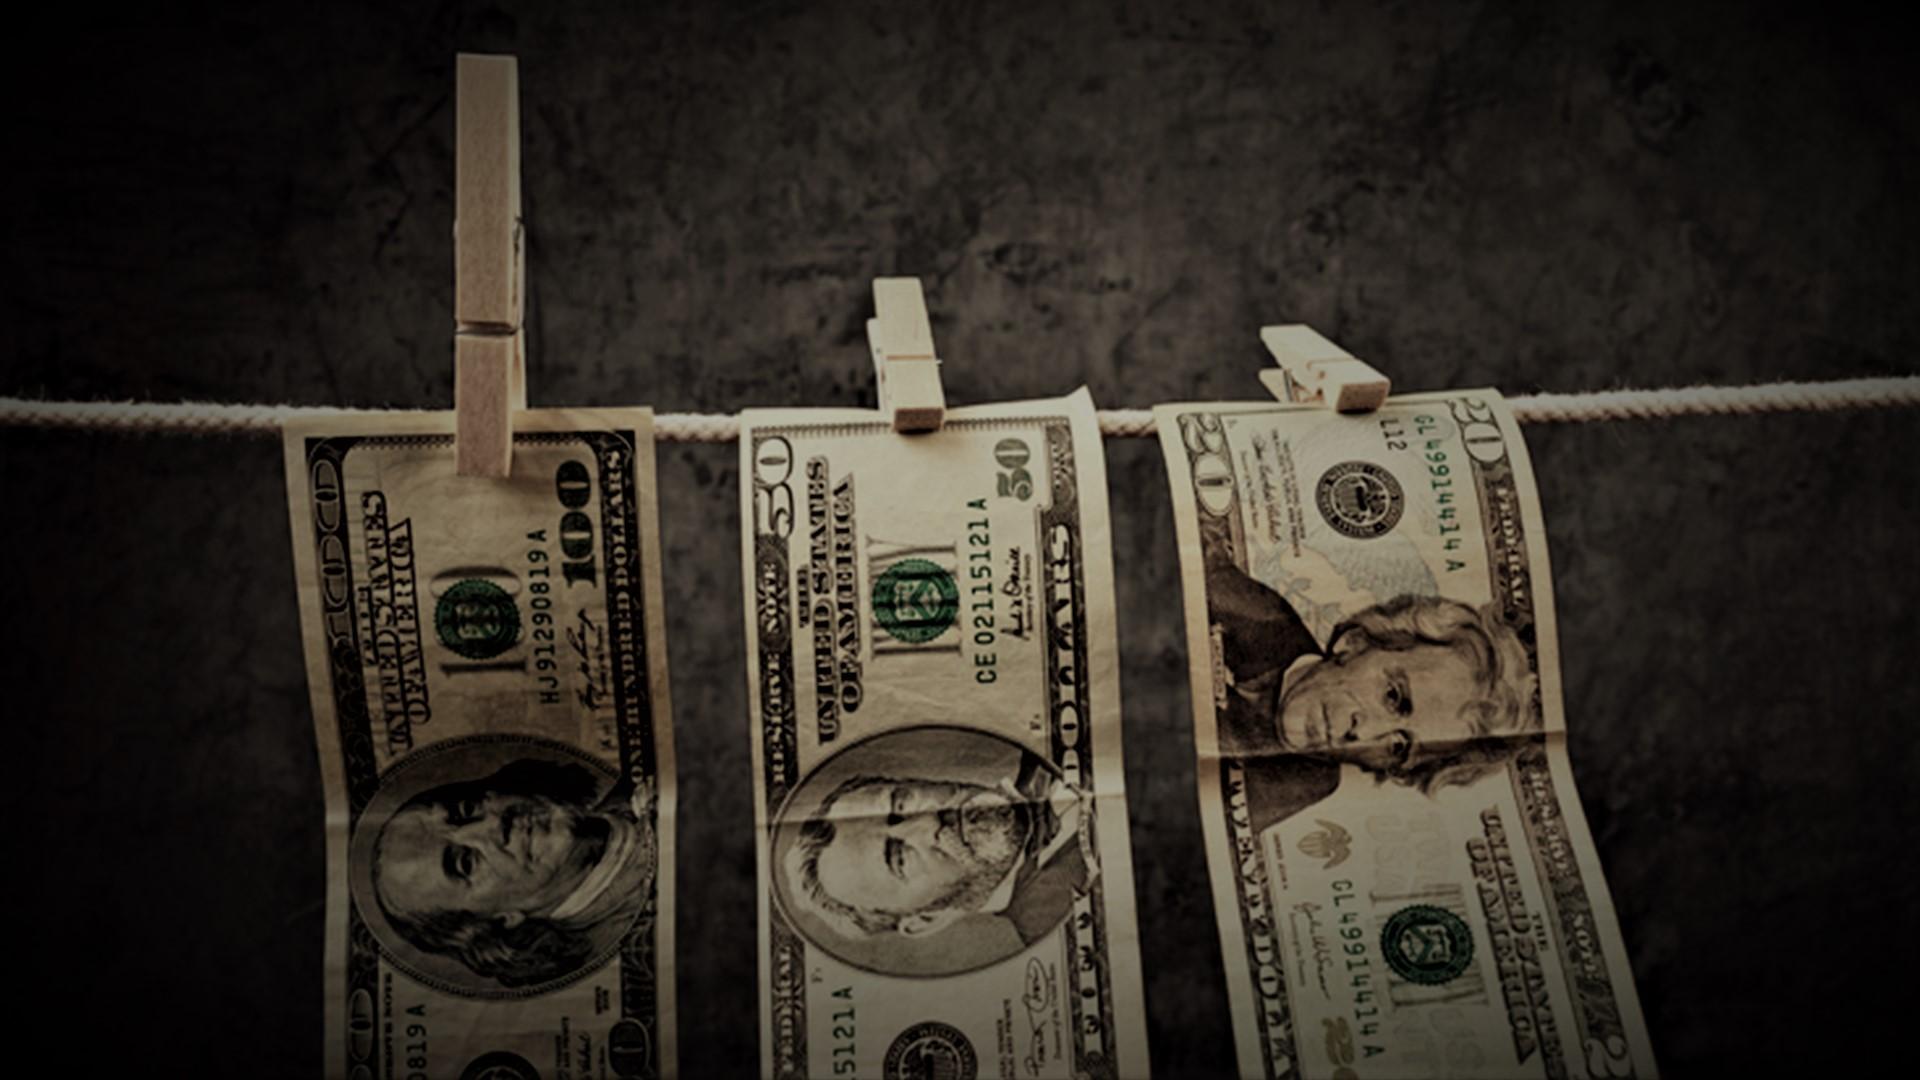 El misterio: ¿Quiénes son los banqueros que legalizan el dinero del narcotráfico?